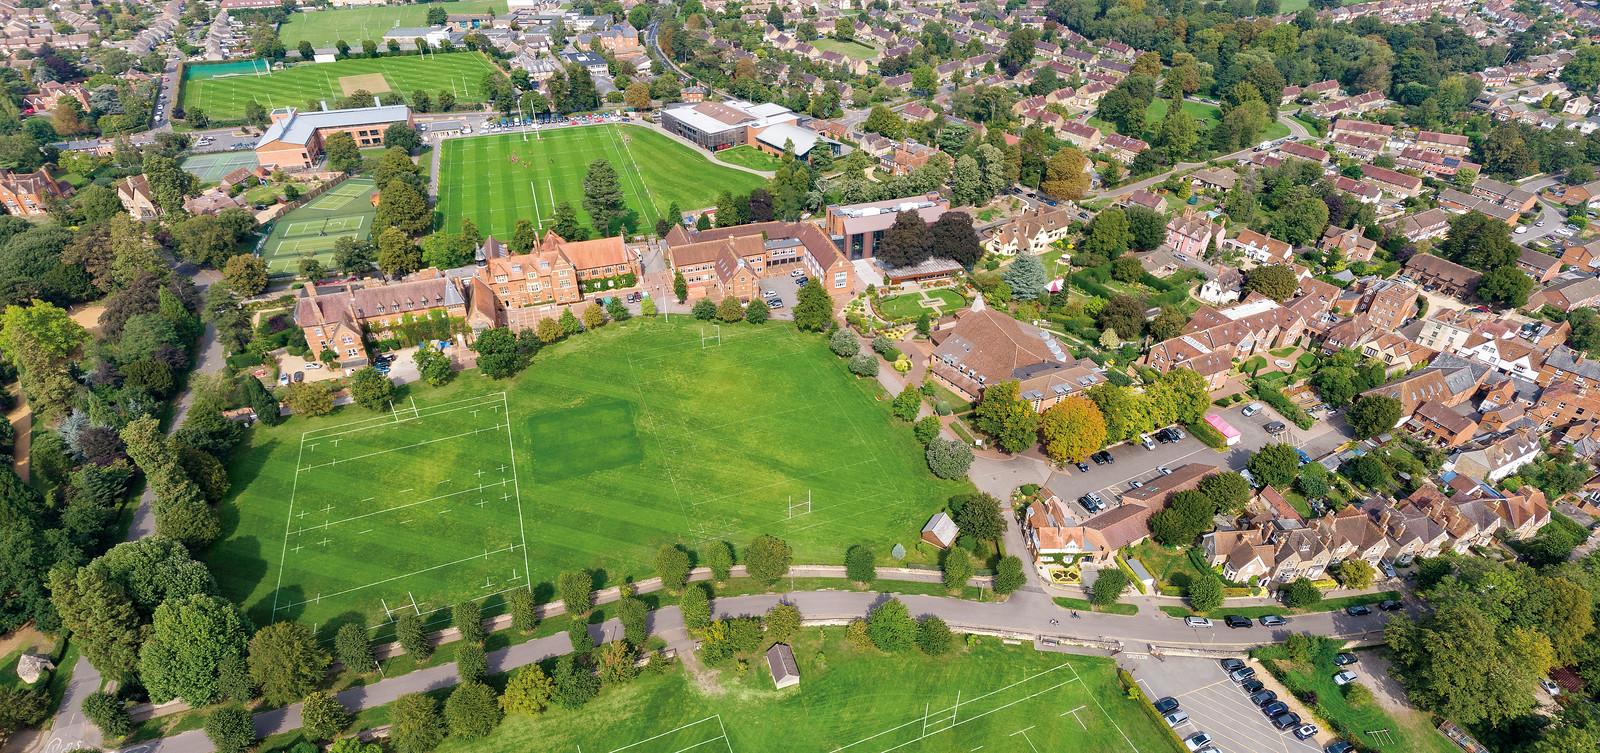 Abingdon School aerial photo